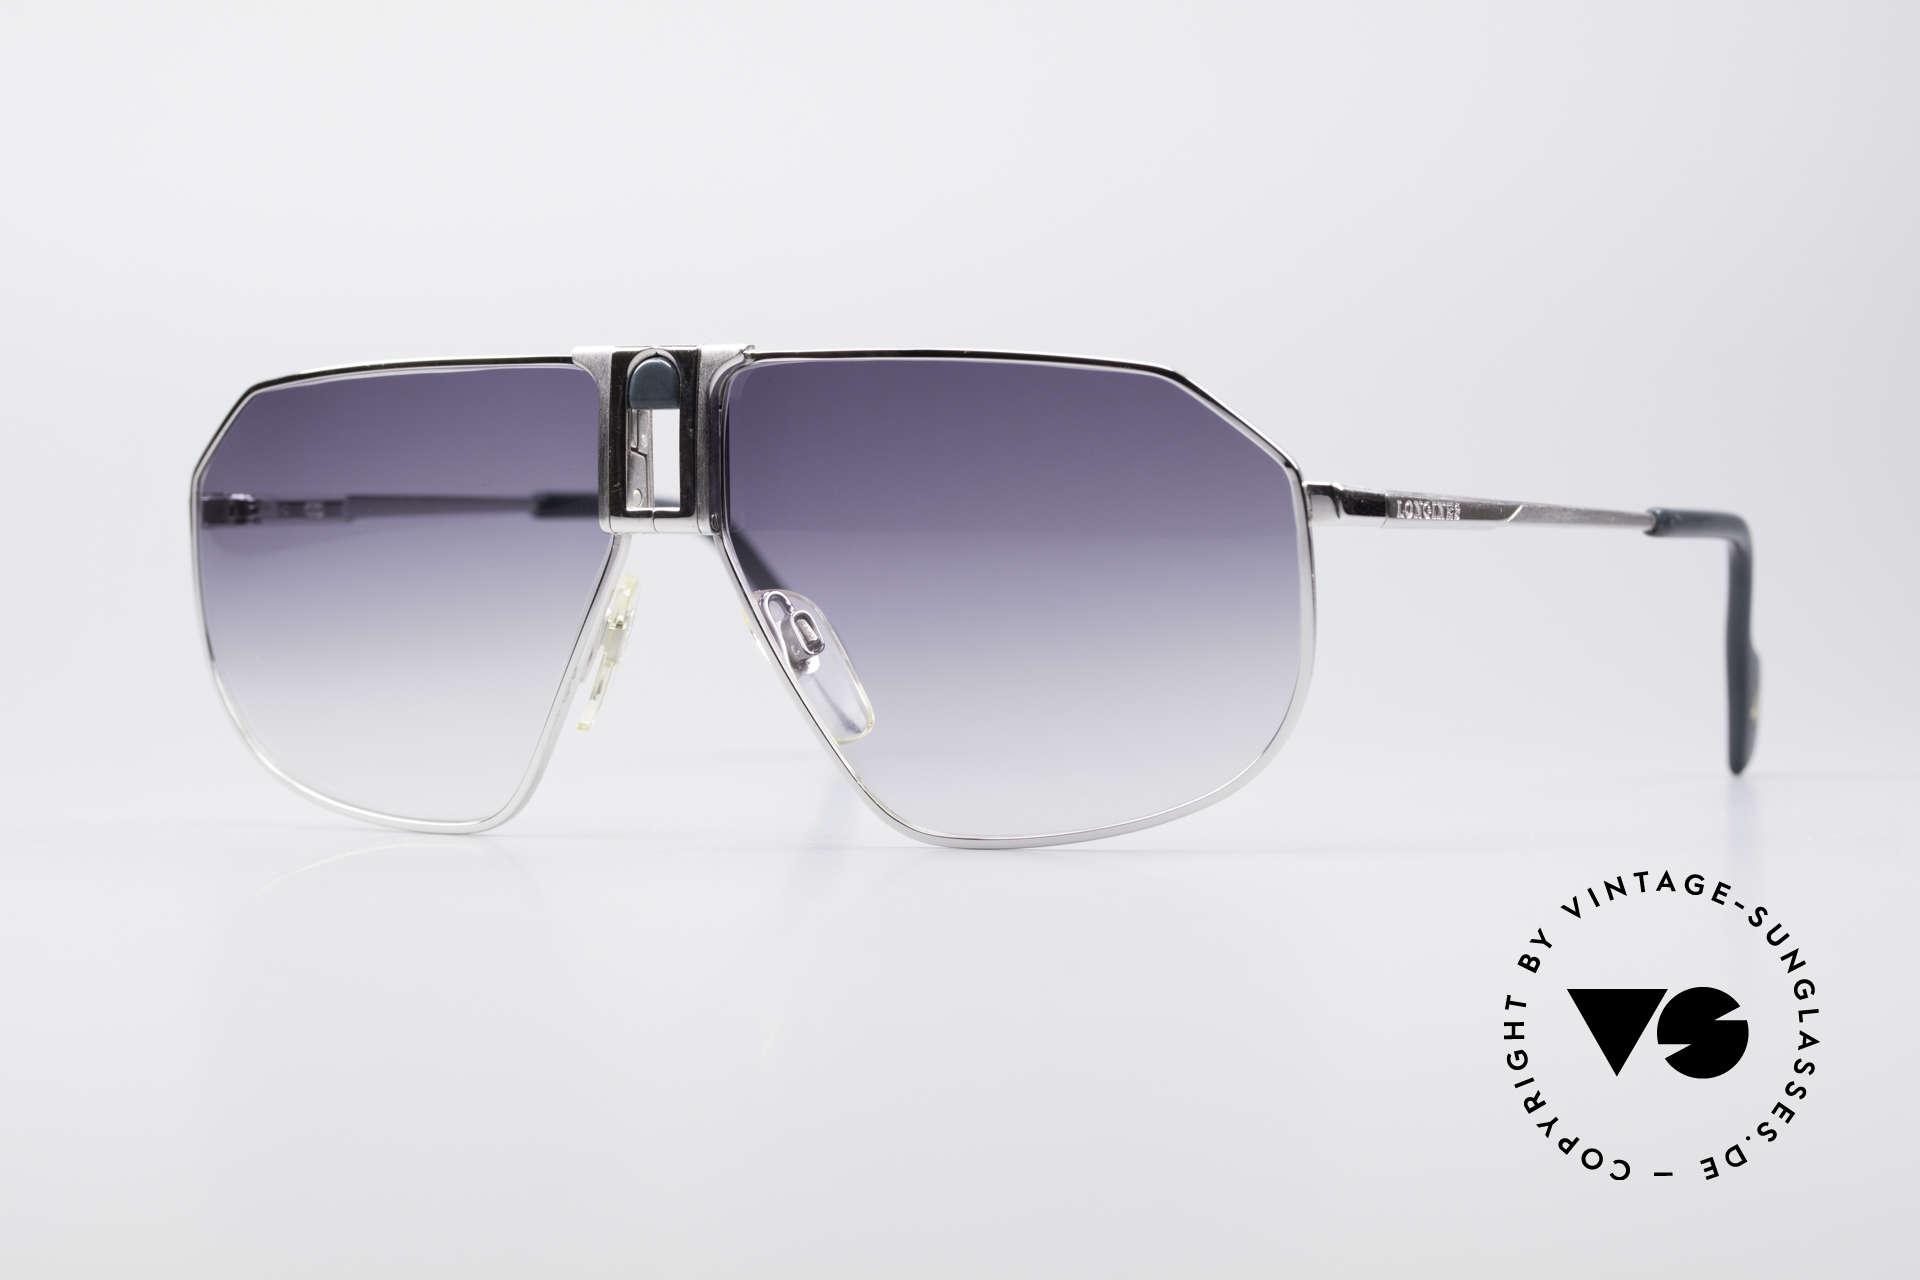 Longines 0153 Large Vintage Sonnenbrille, hochwertige vintage Sonnenbrille von LONGINES, Passend für Herren